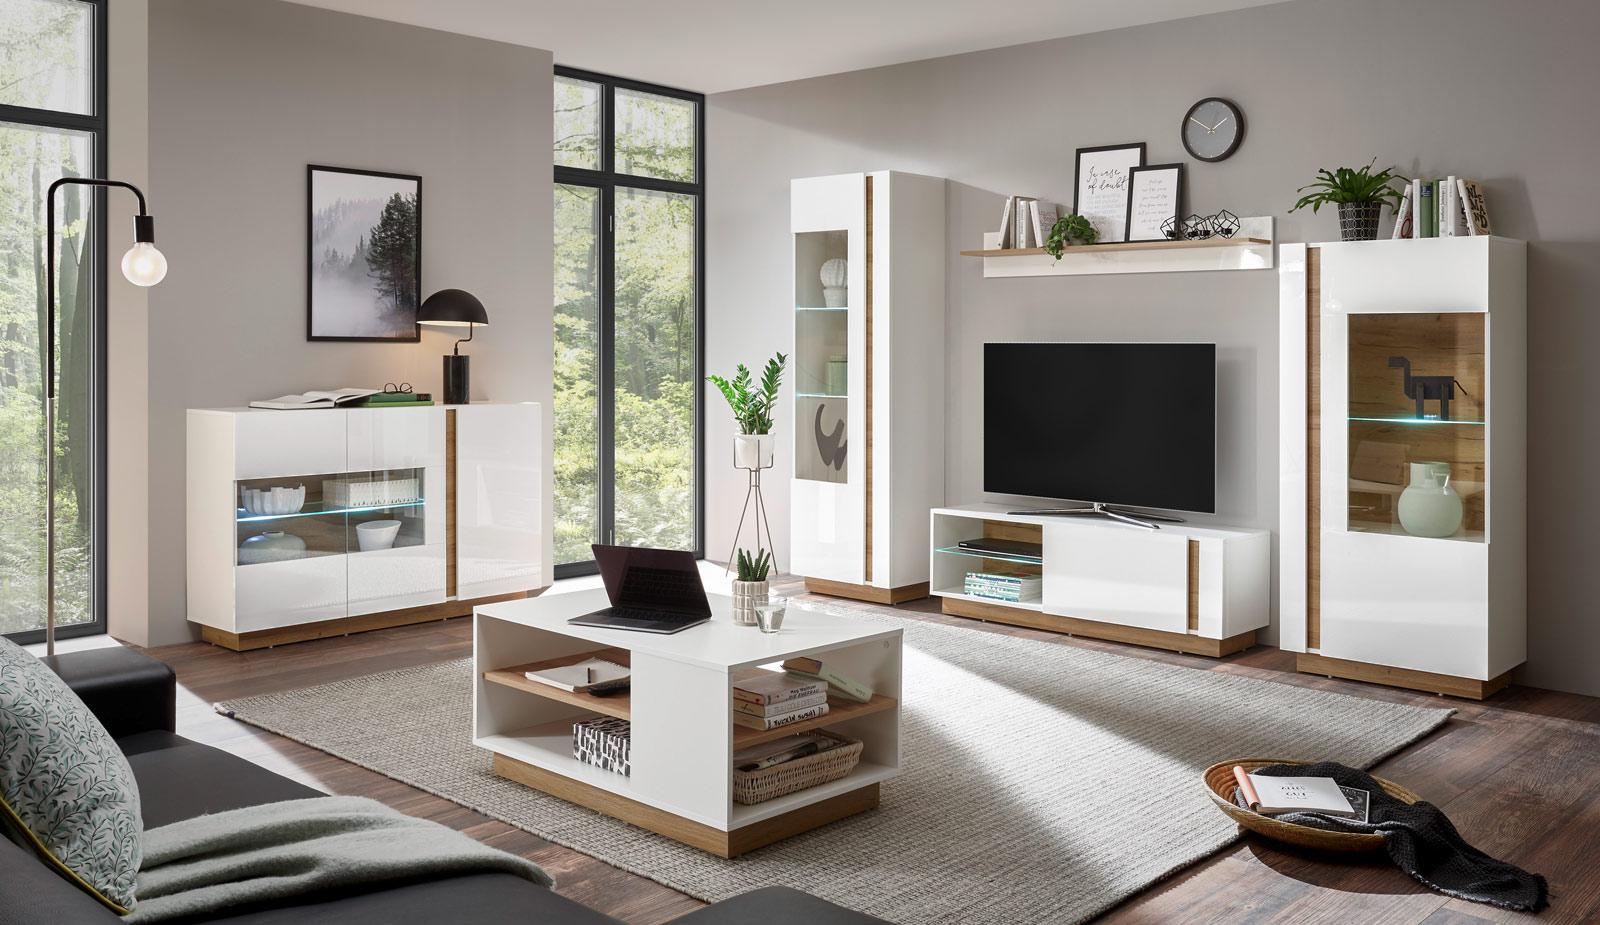 Ein stylisches Wohnzimmer mit CELLE-61 Möbeln – Hochglanz und Natur vereint.